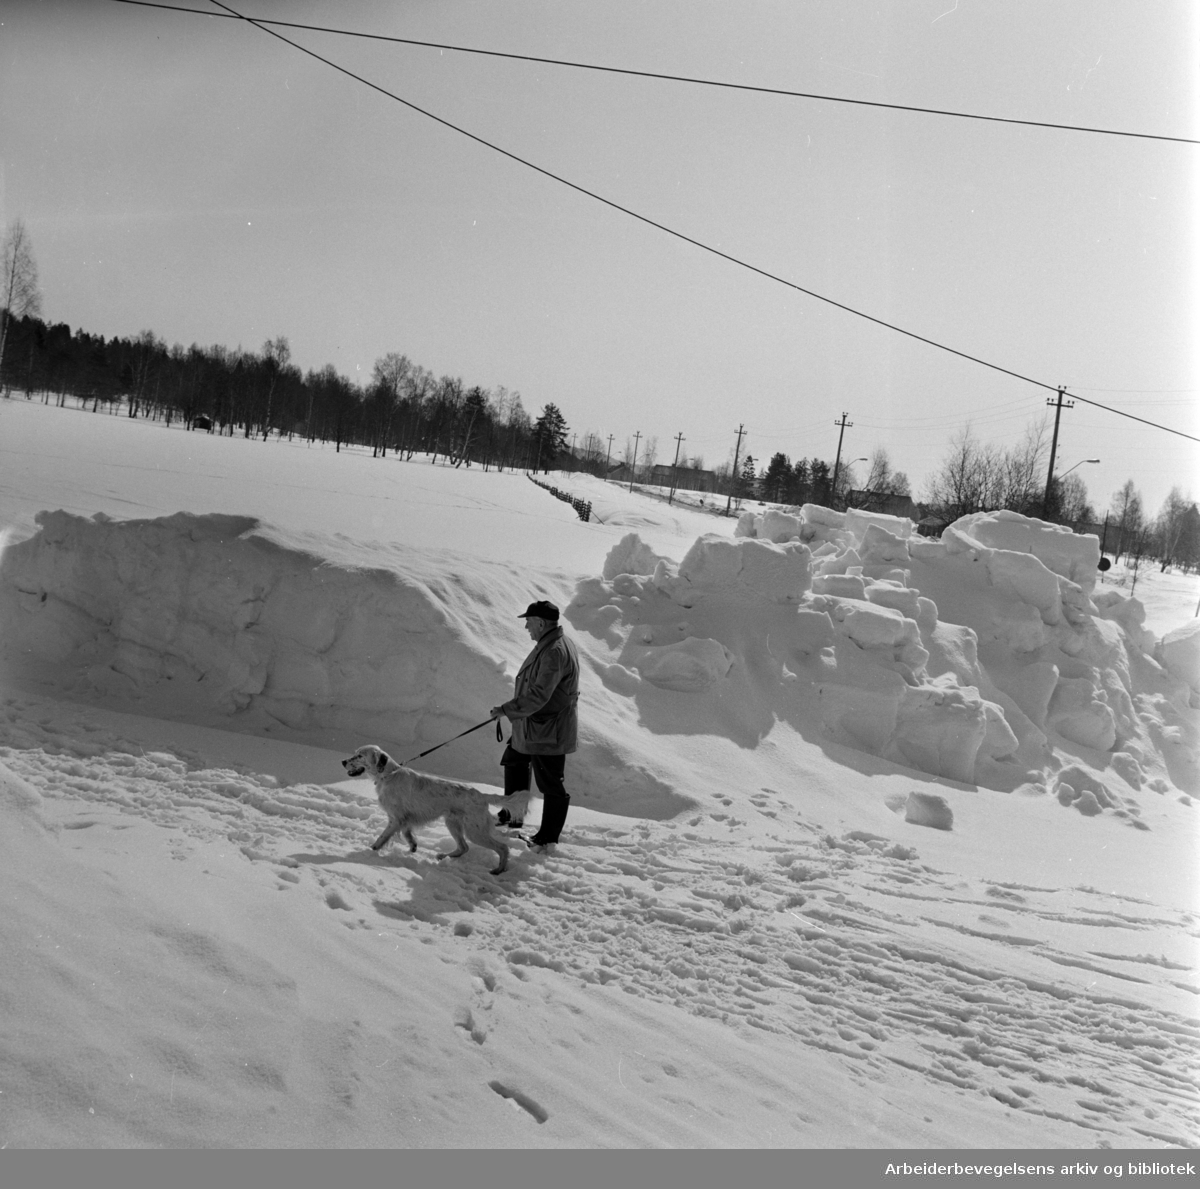 Ekeberg. Ekebergfeltene venter på vårsmelting, men det skal bli klart til 7. mai, mener driftsbestyrer Per Jaabæk i Idrettsvesenet. April 1966